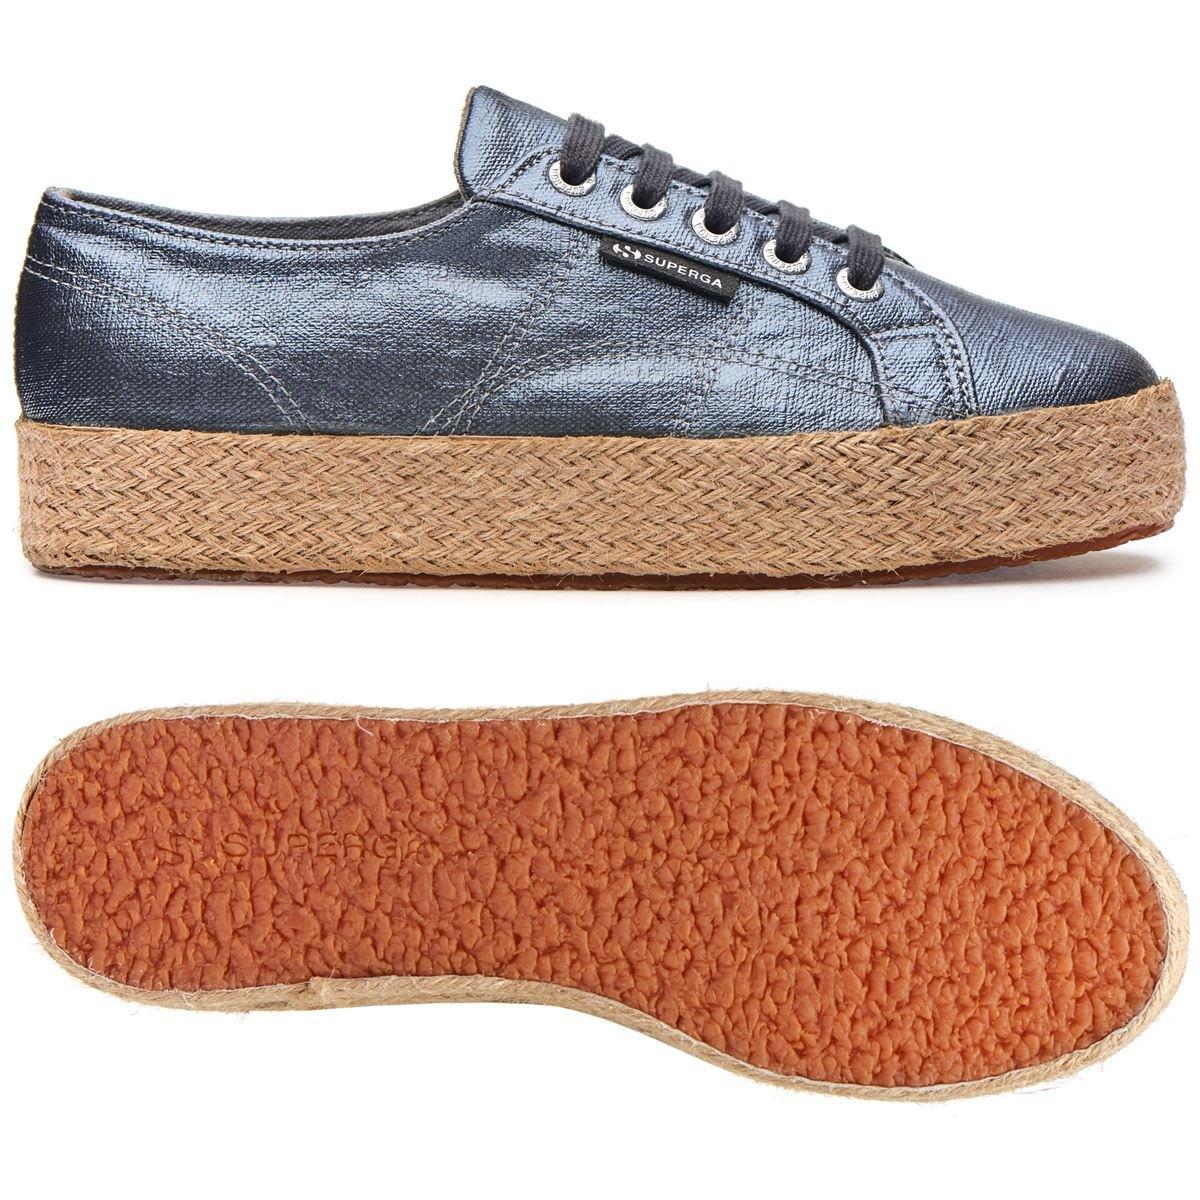 Superga Zapatillas de Algodón para Mujer * 41 EU|Azul